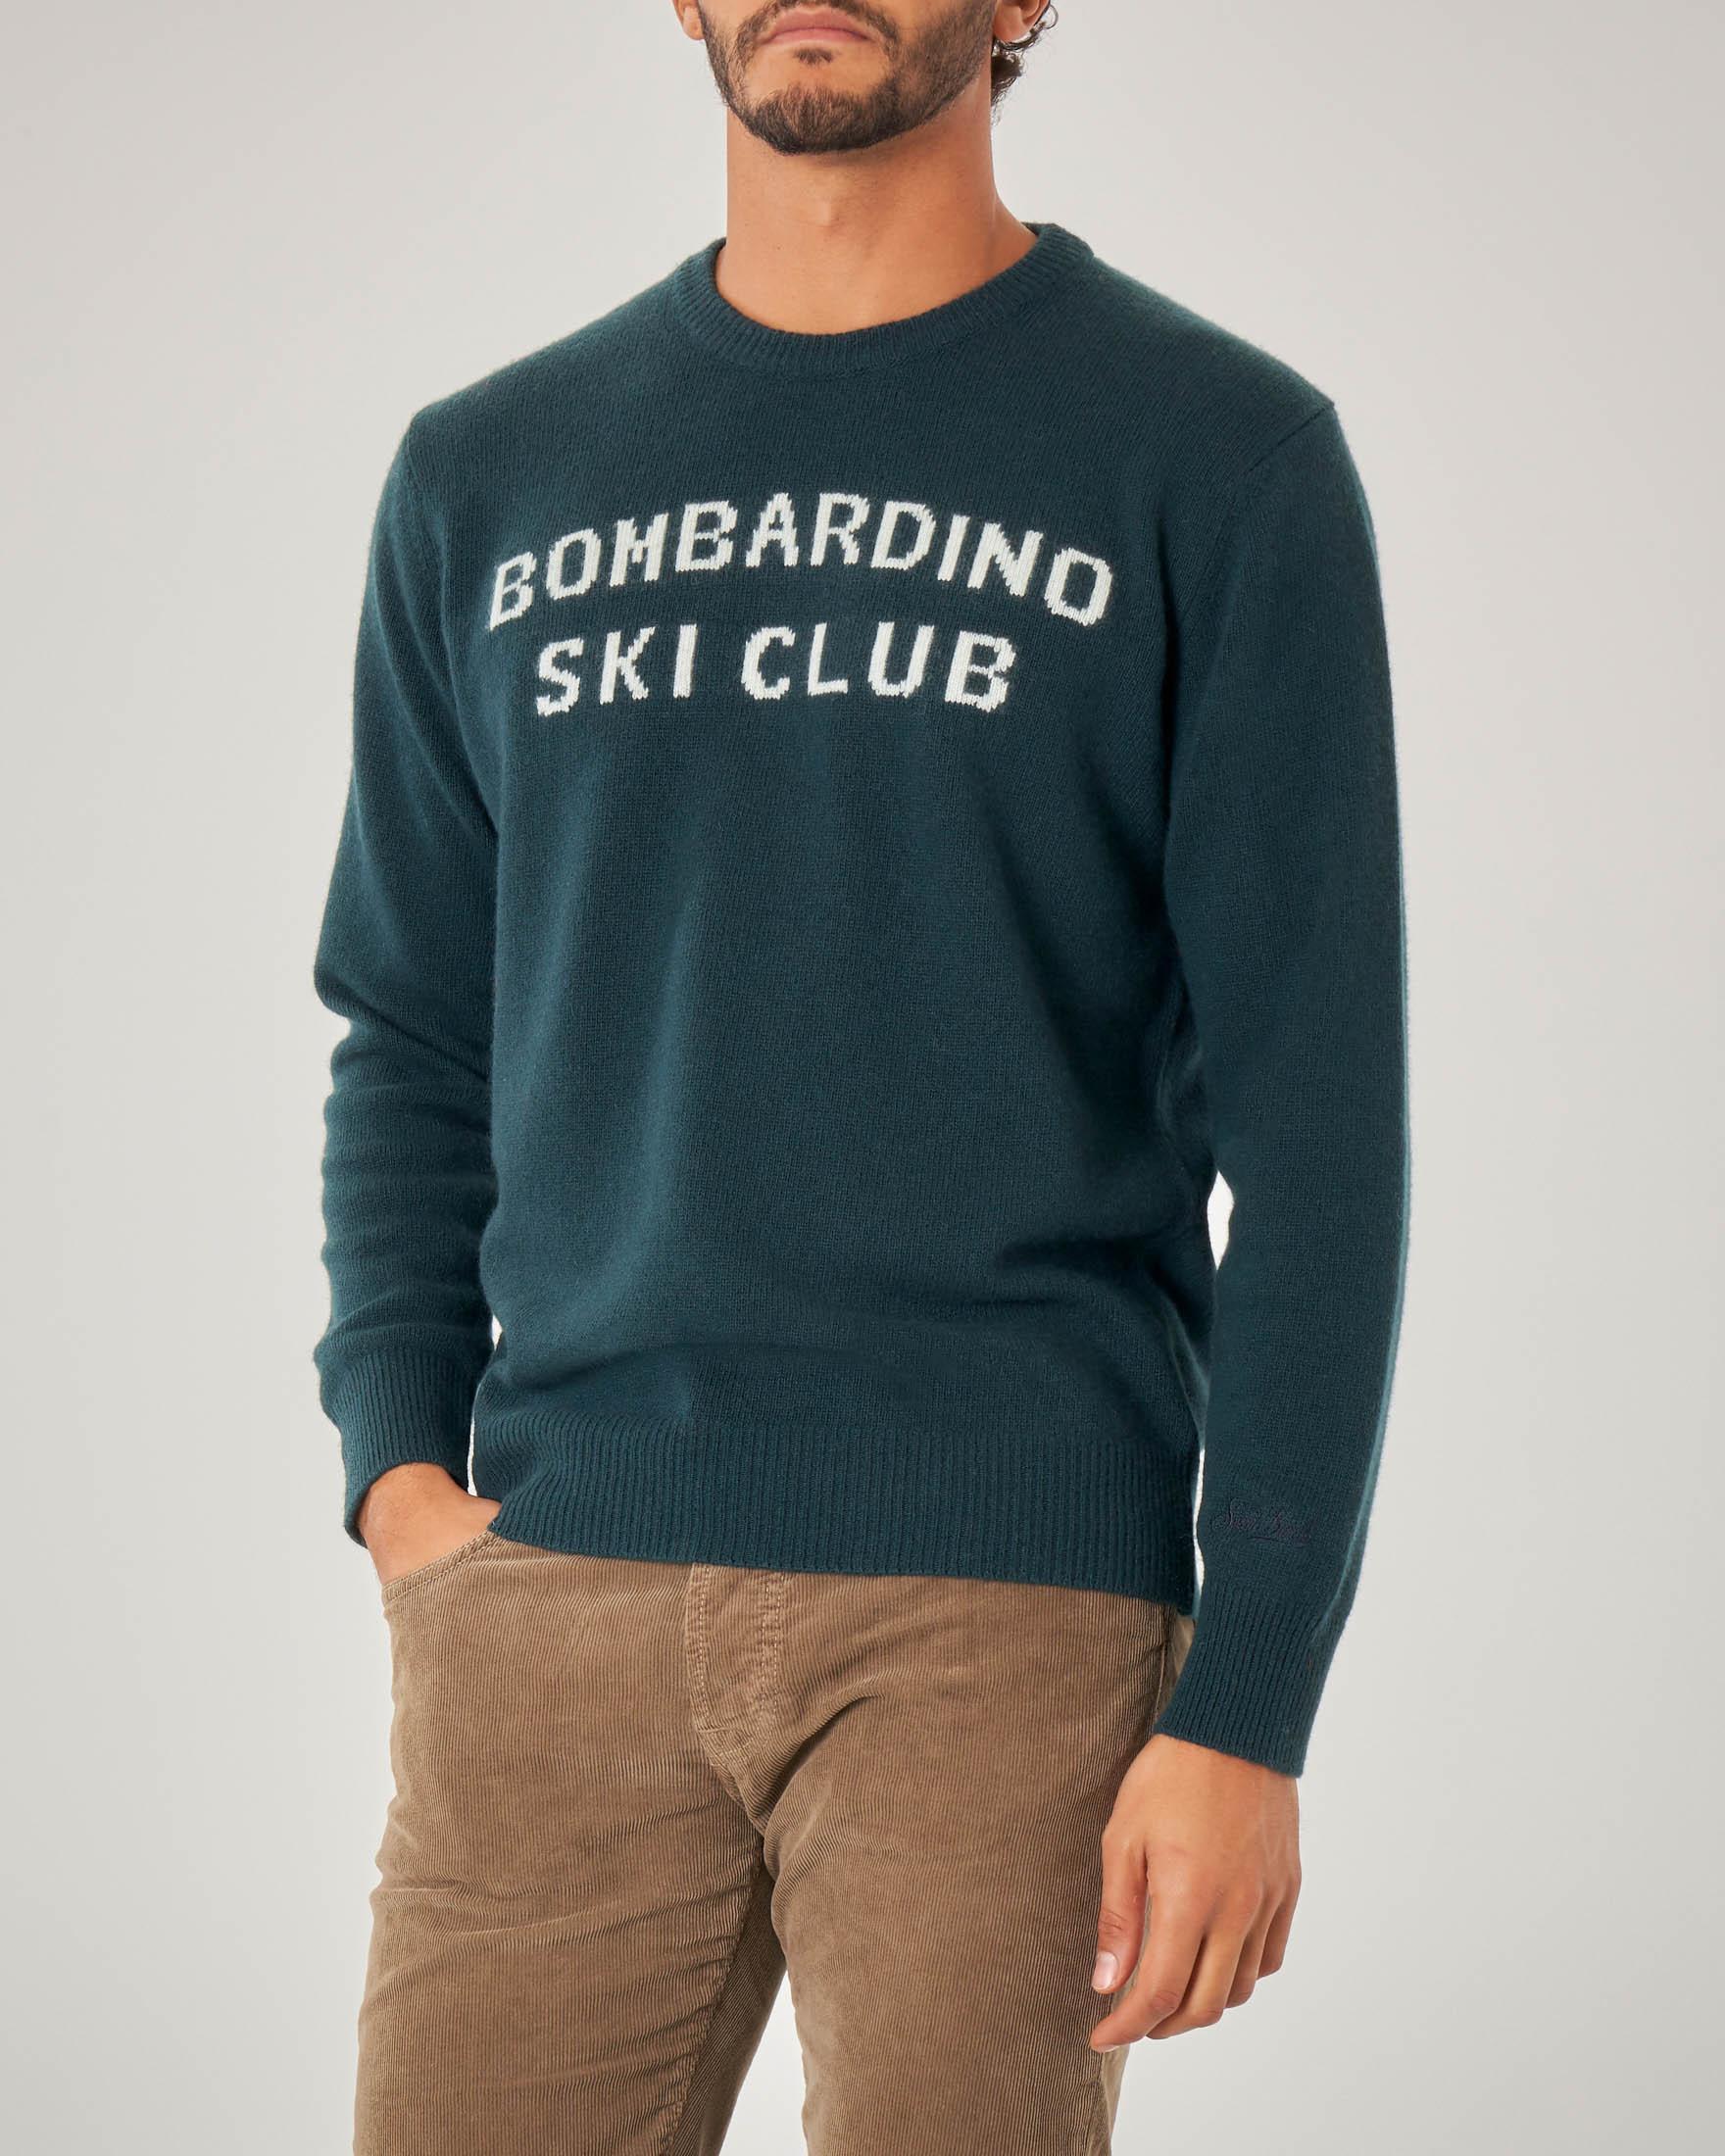 Maglia verde in misto lana viscosa e cachemire con scritta Bombardino Ski Club